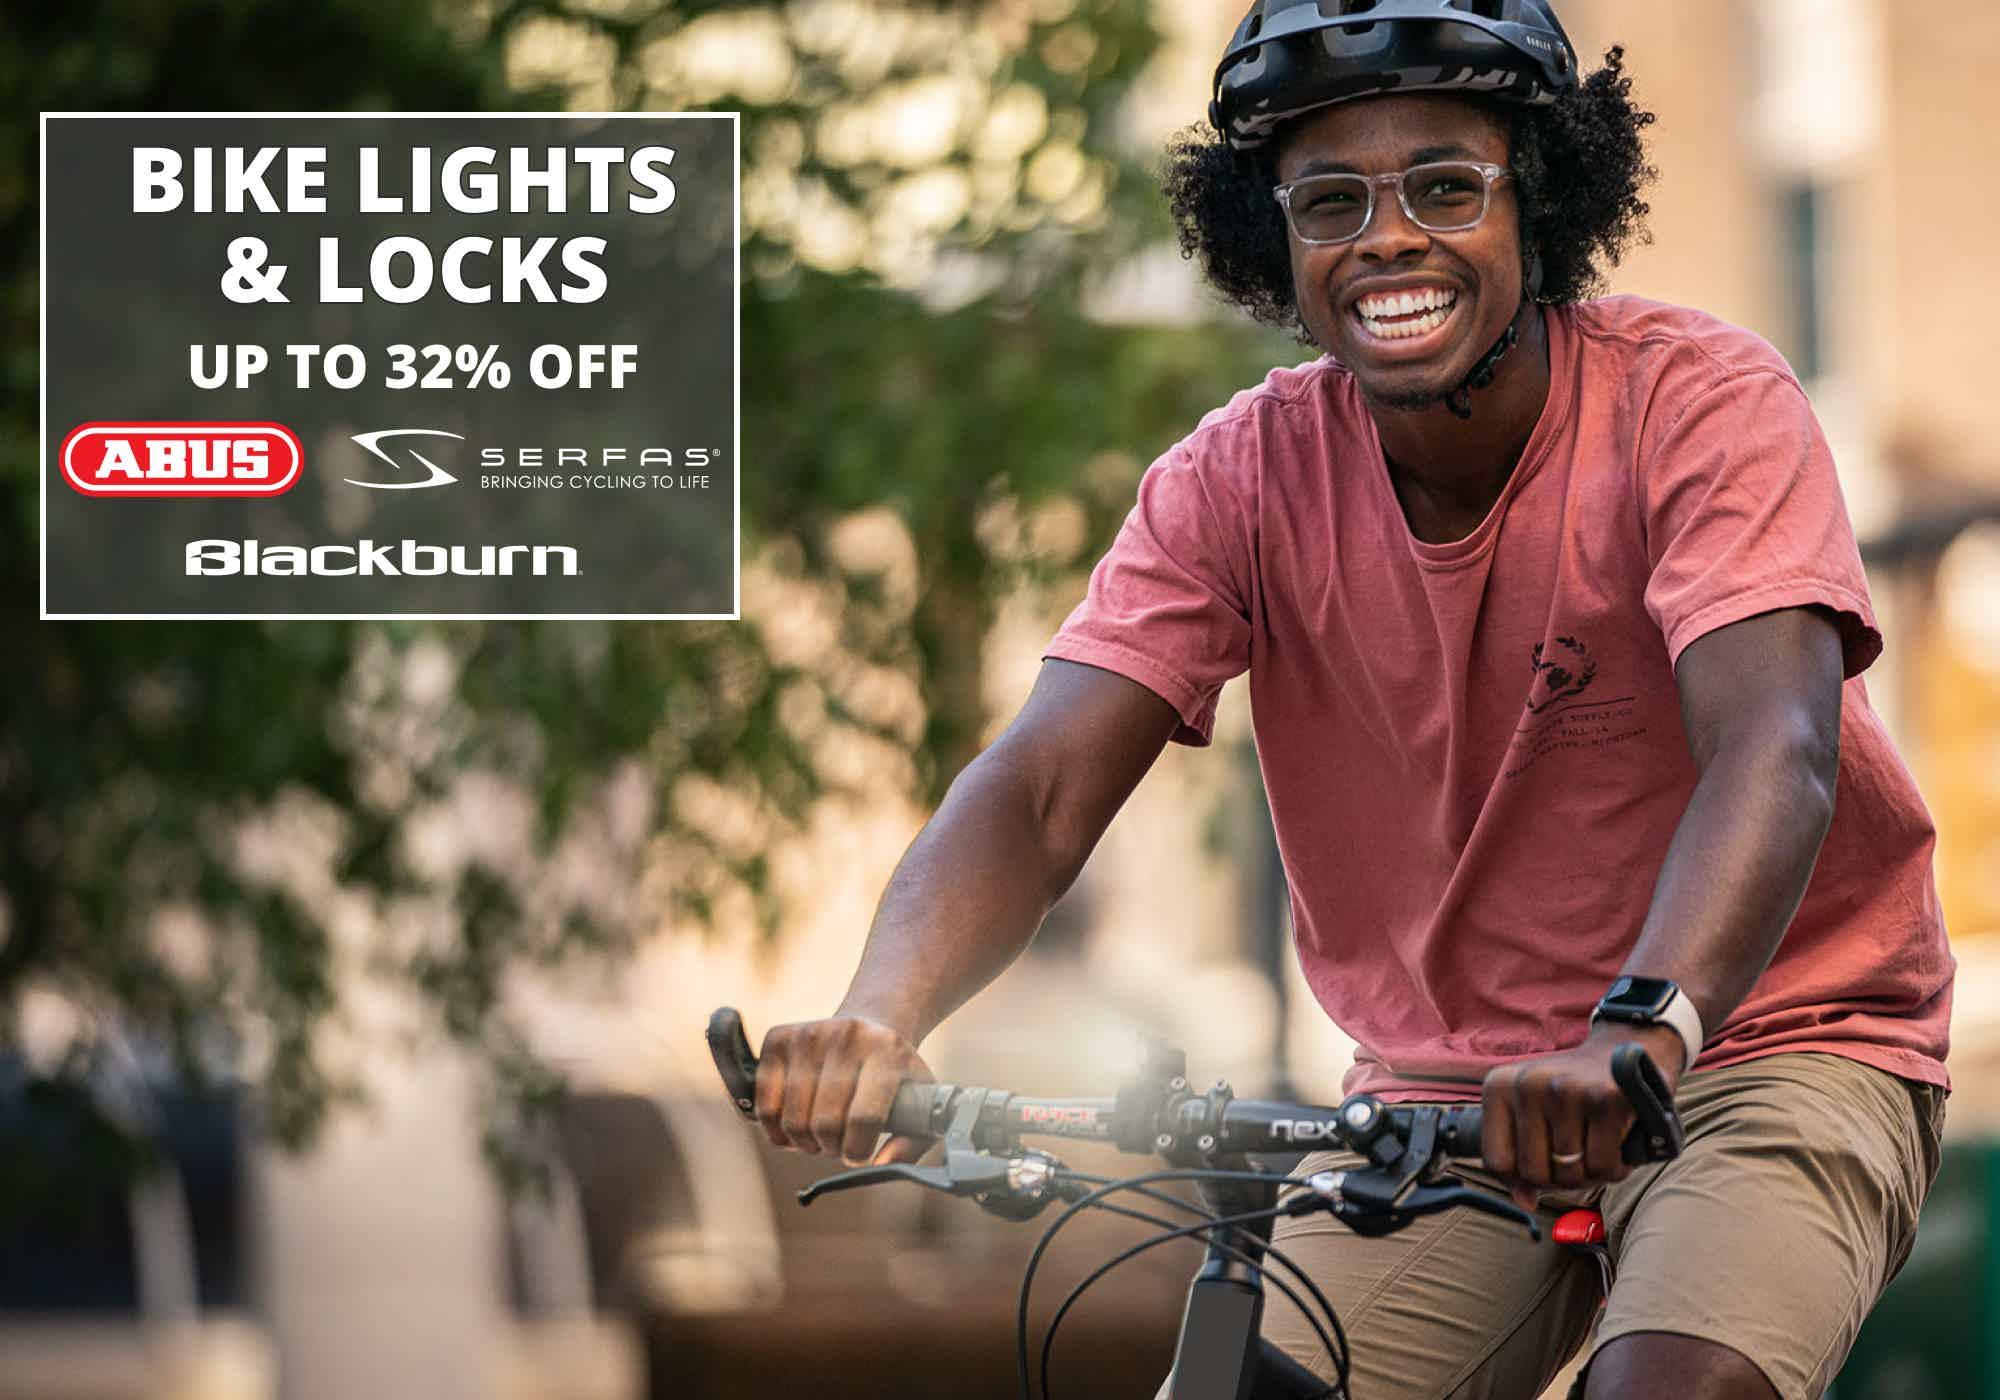 Bike Lights & Locks